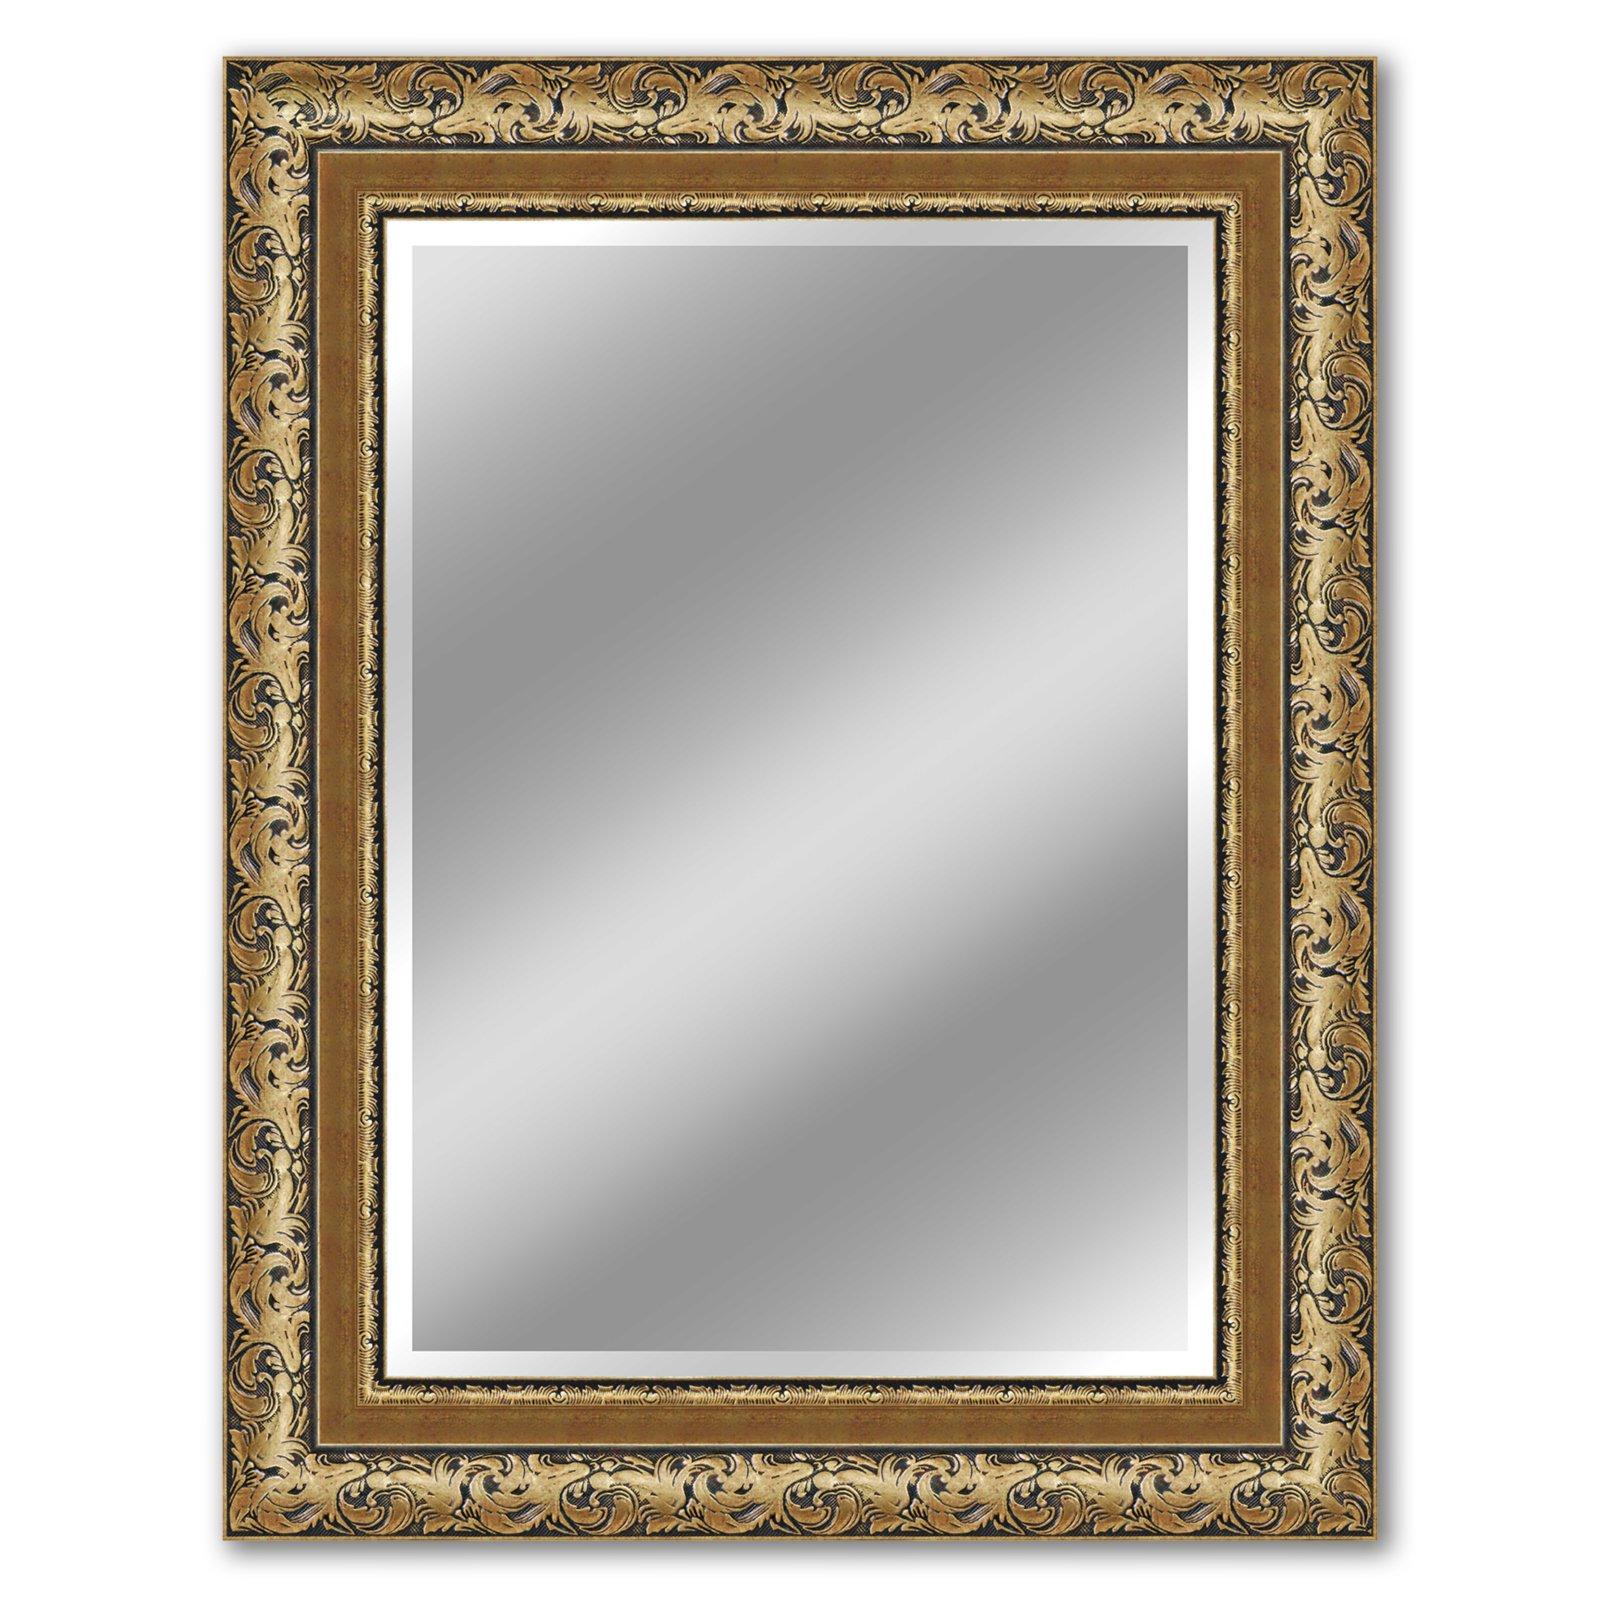 spiegel lille gold 70x90 cm wandspiegel spiegel